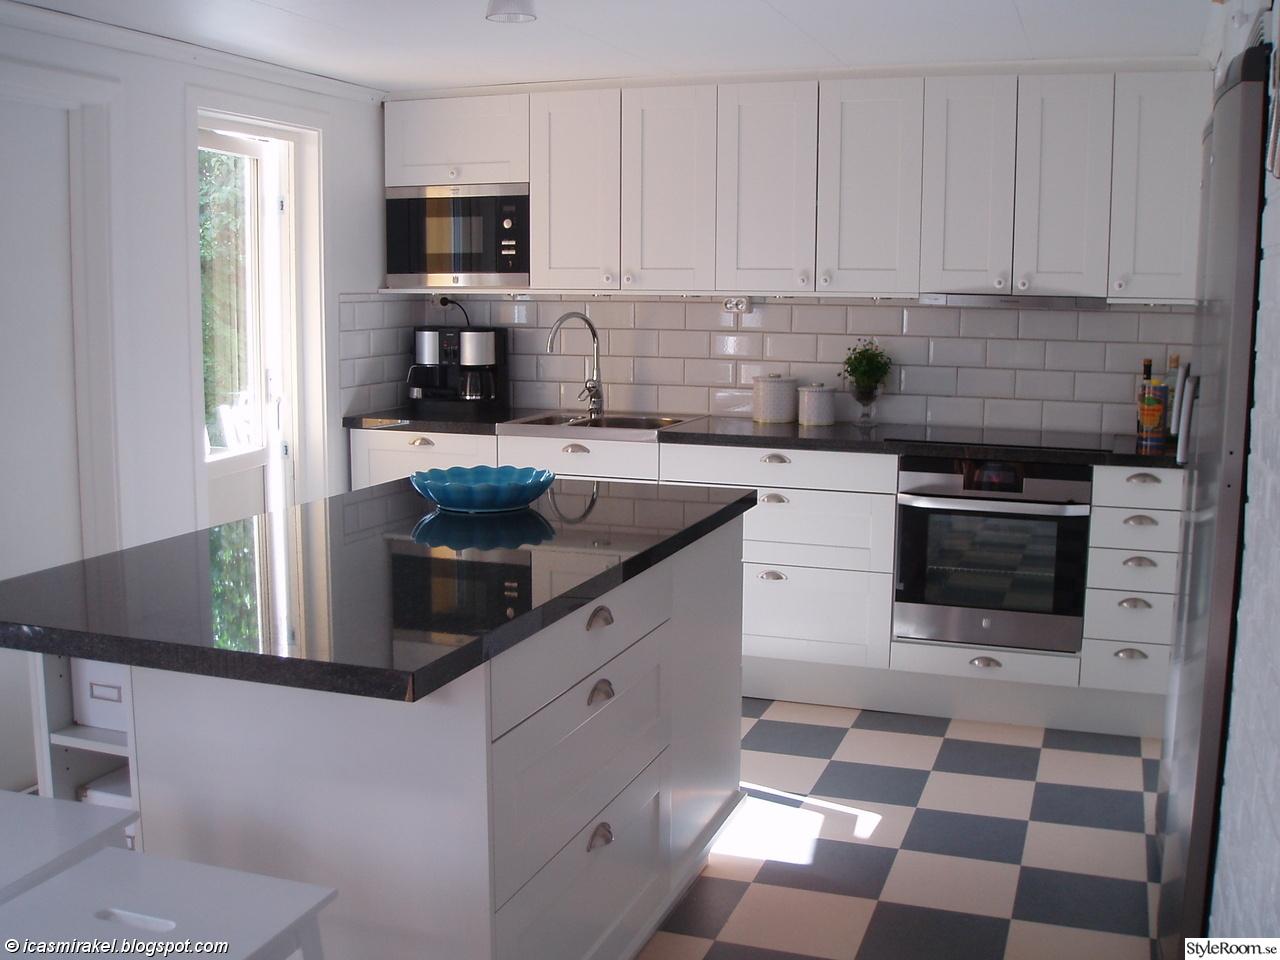 Vitt golv   inspiration och idéer till ditt hem